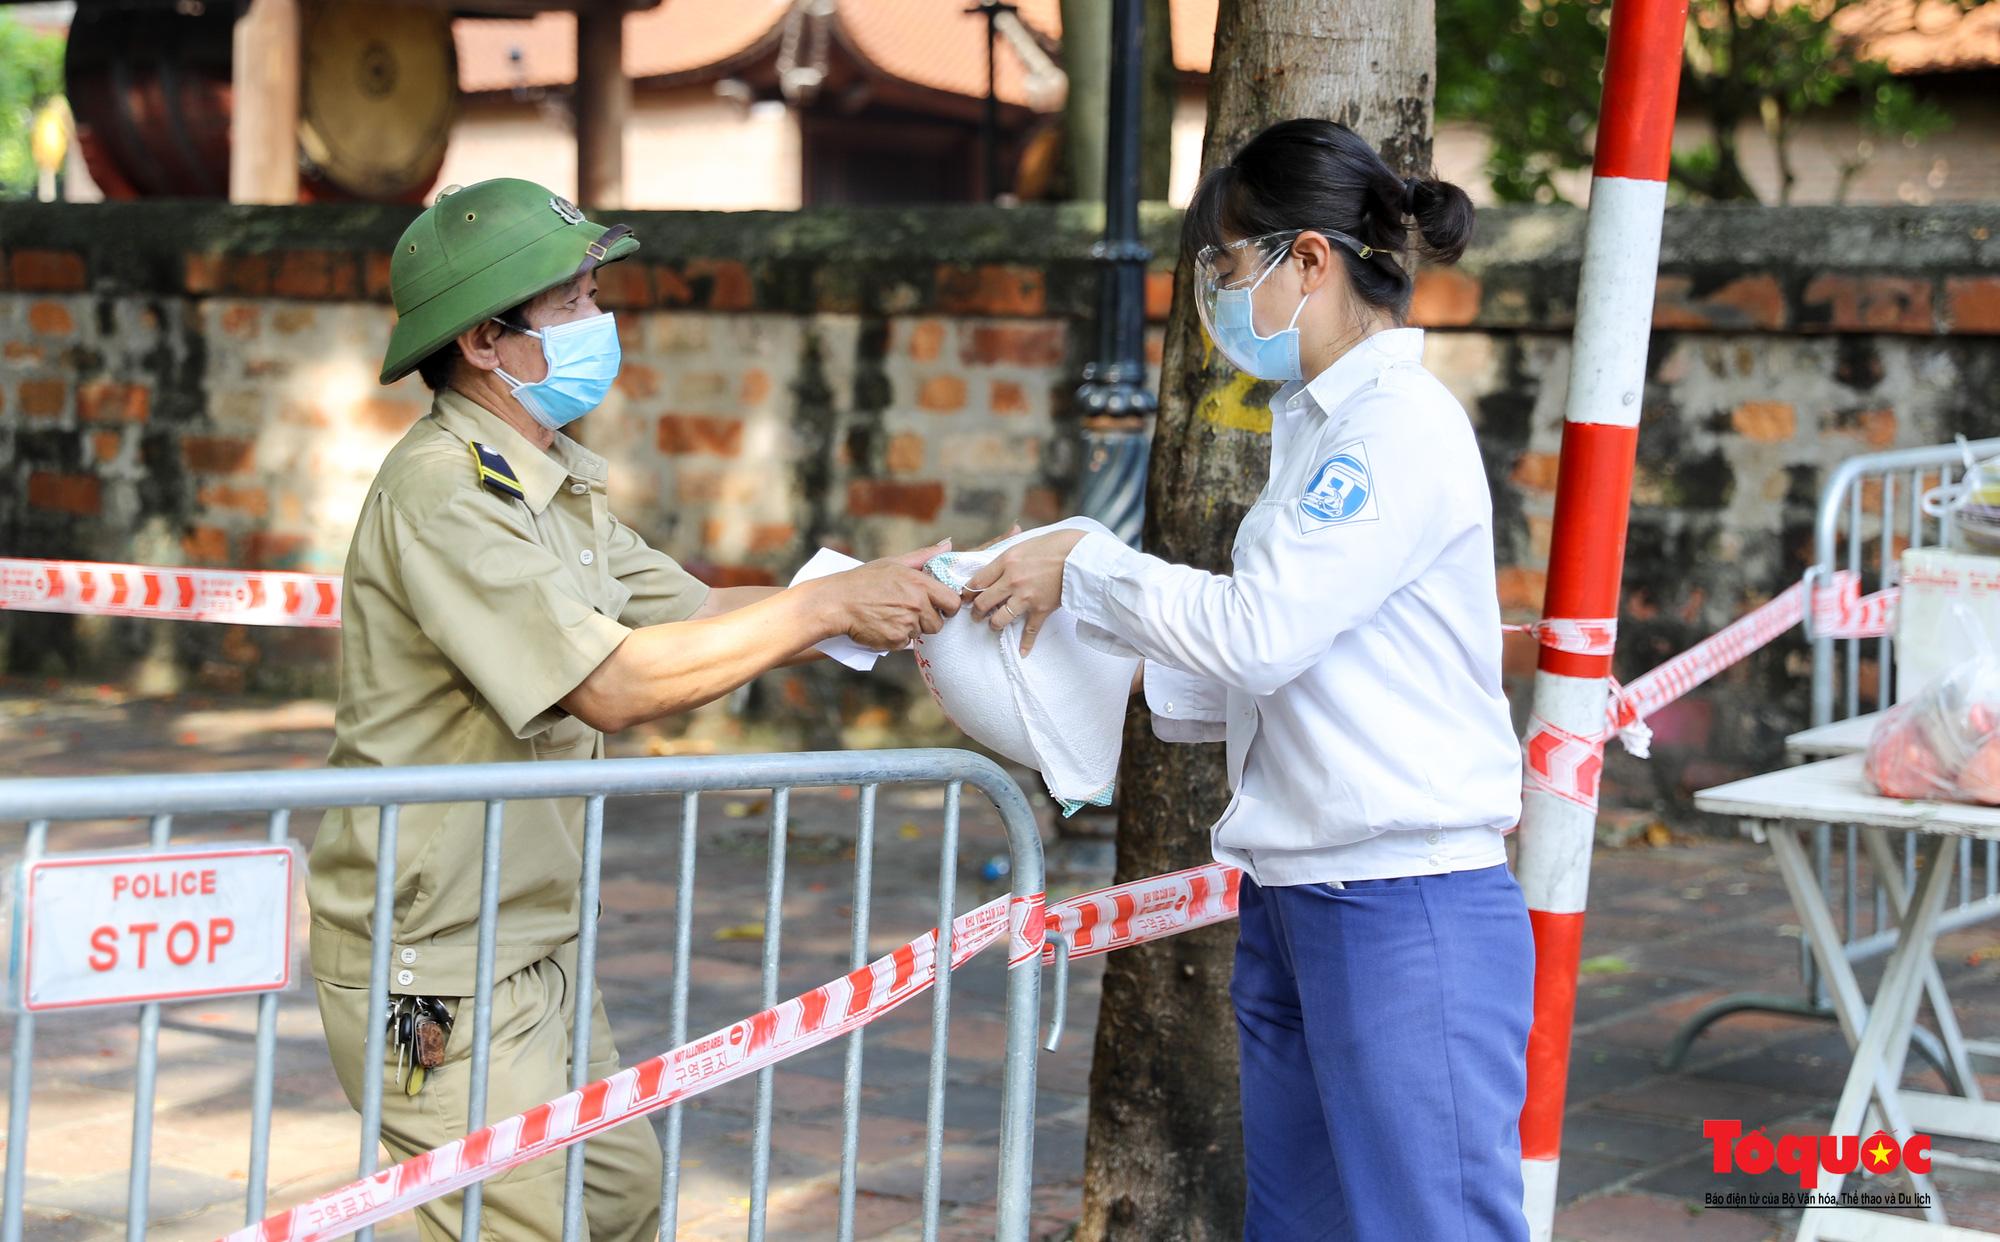 Hà Nội: Phong tỏa 2 phường Văn Miếu, Văn Chương, người dân xếp hàng tiếp tế cho khu cách ly - Ảnh 5.